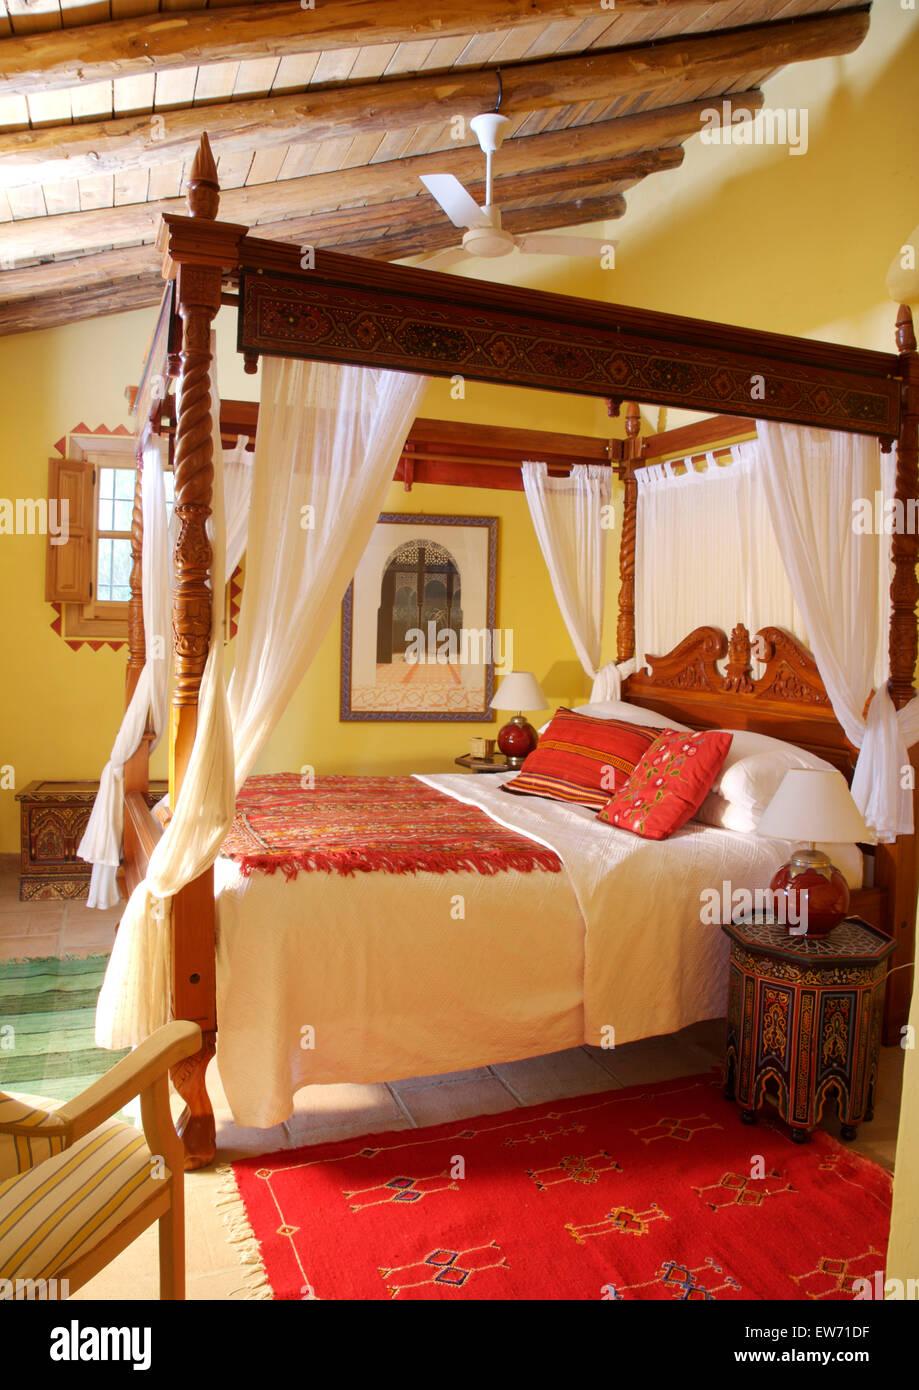 Coussins et tapis rouge ethnique sur lit à baldaquin en bois ...